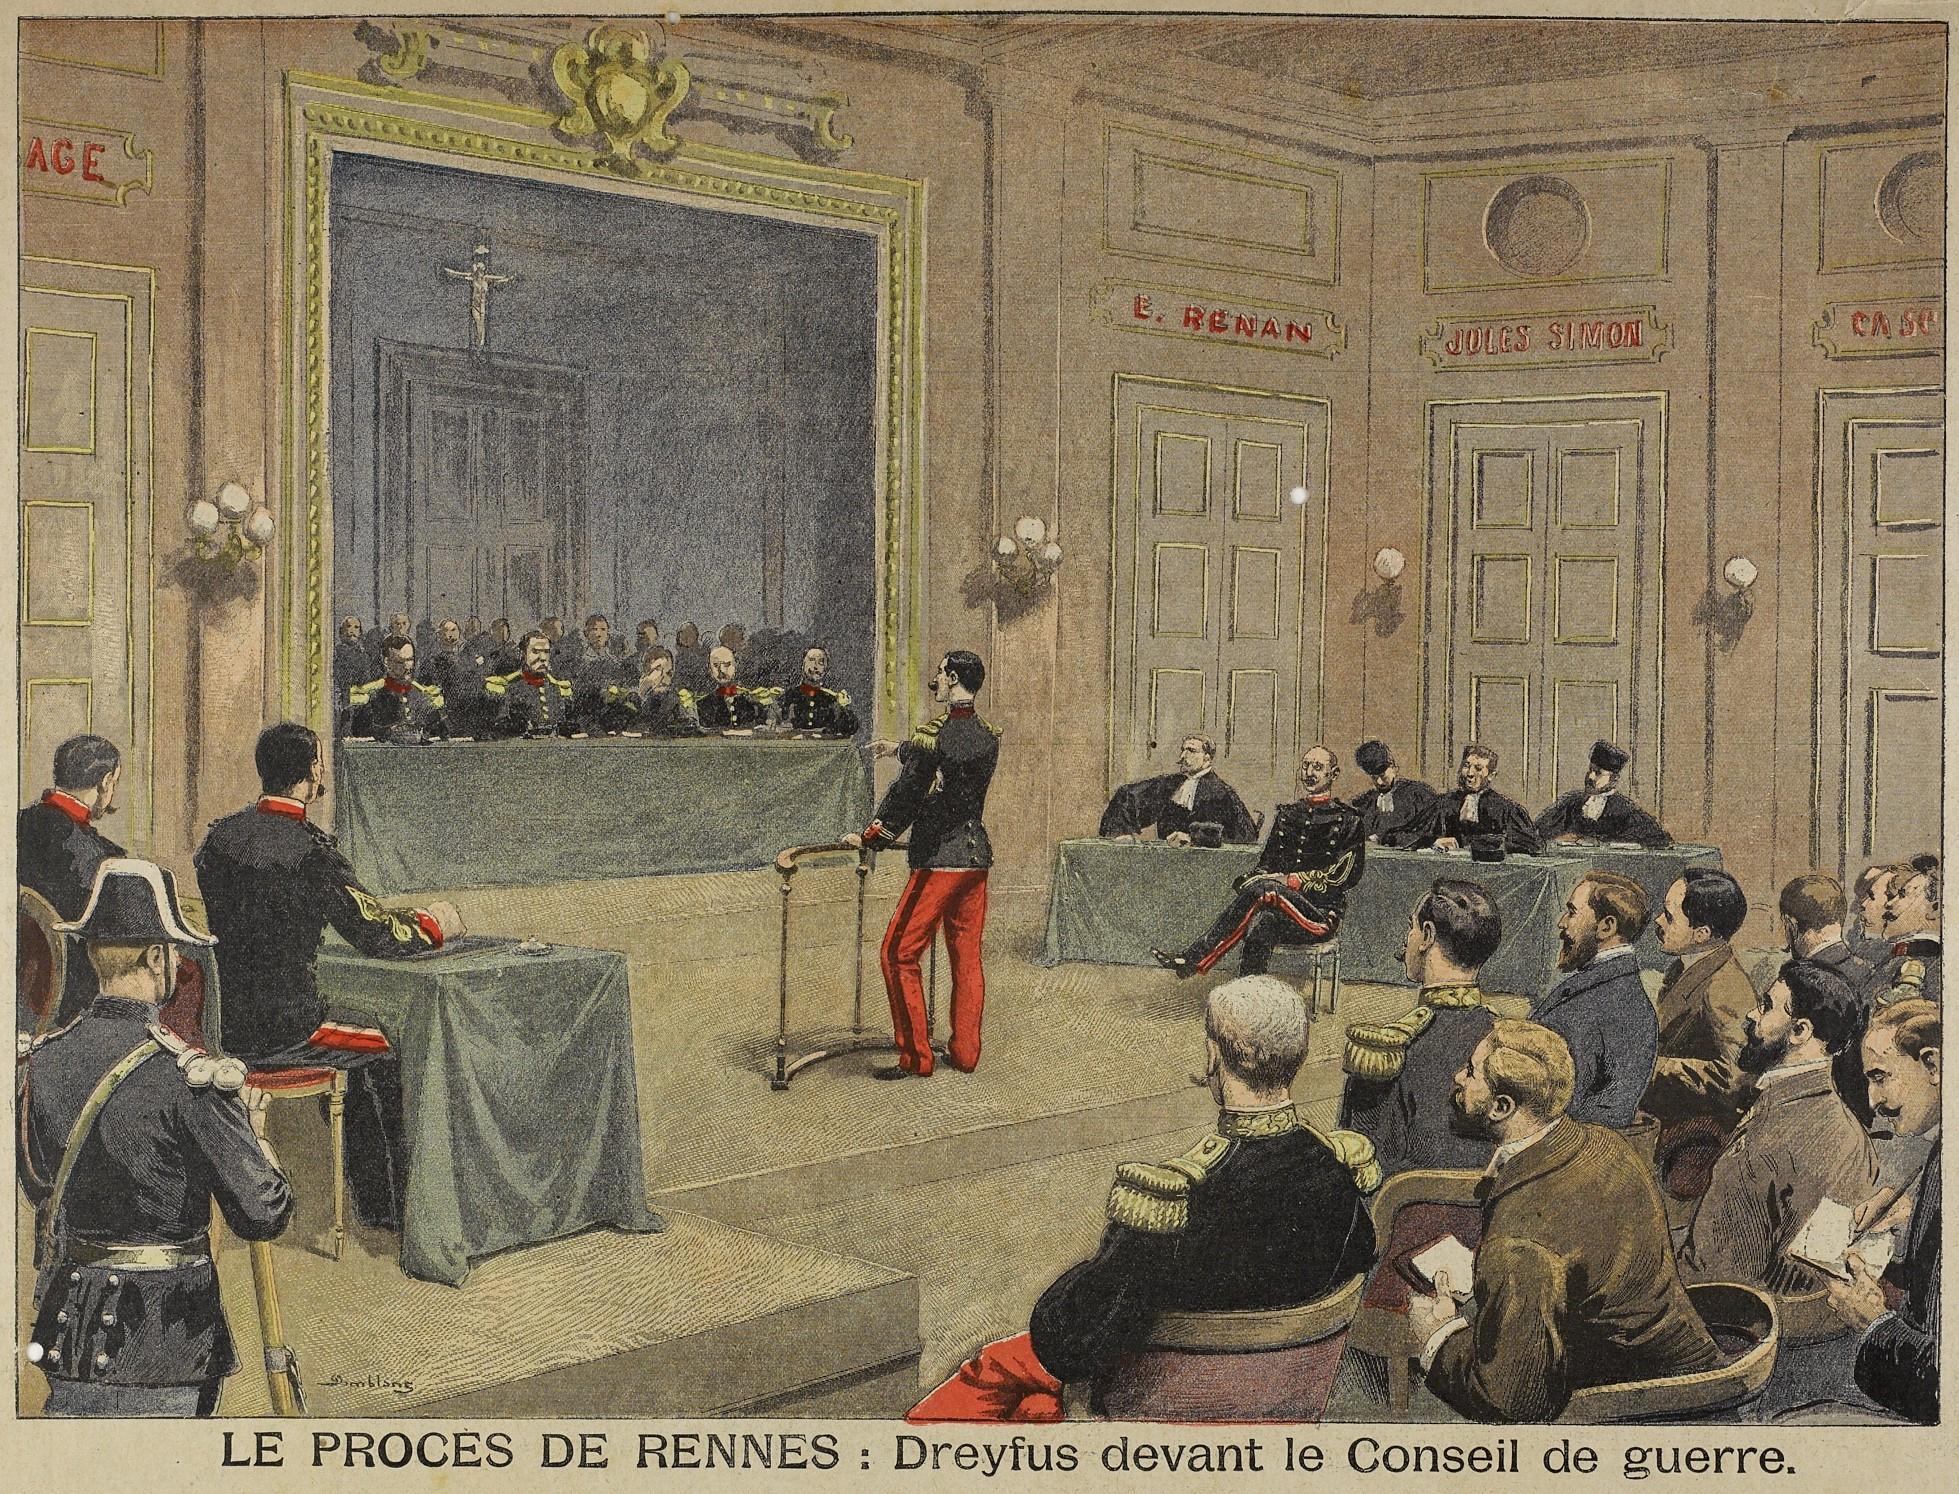 Dreyfus Affäre